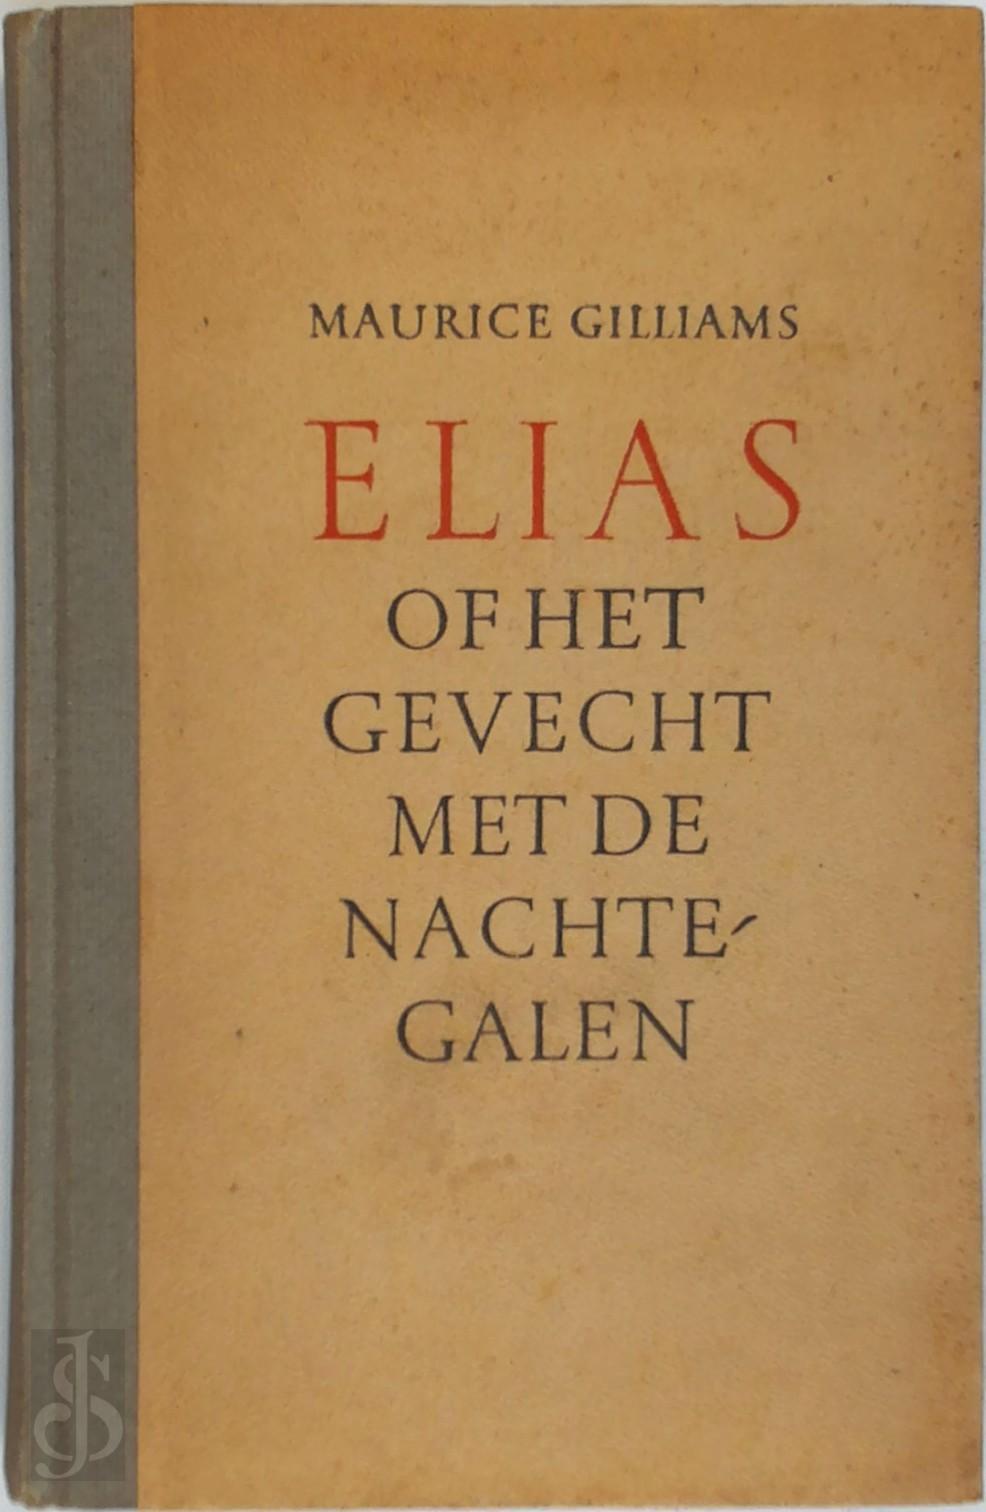 Elias of Het gevecht met de...